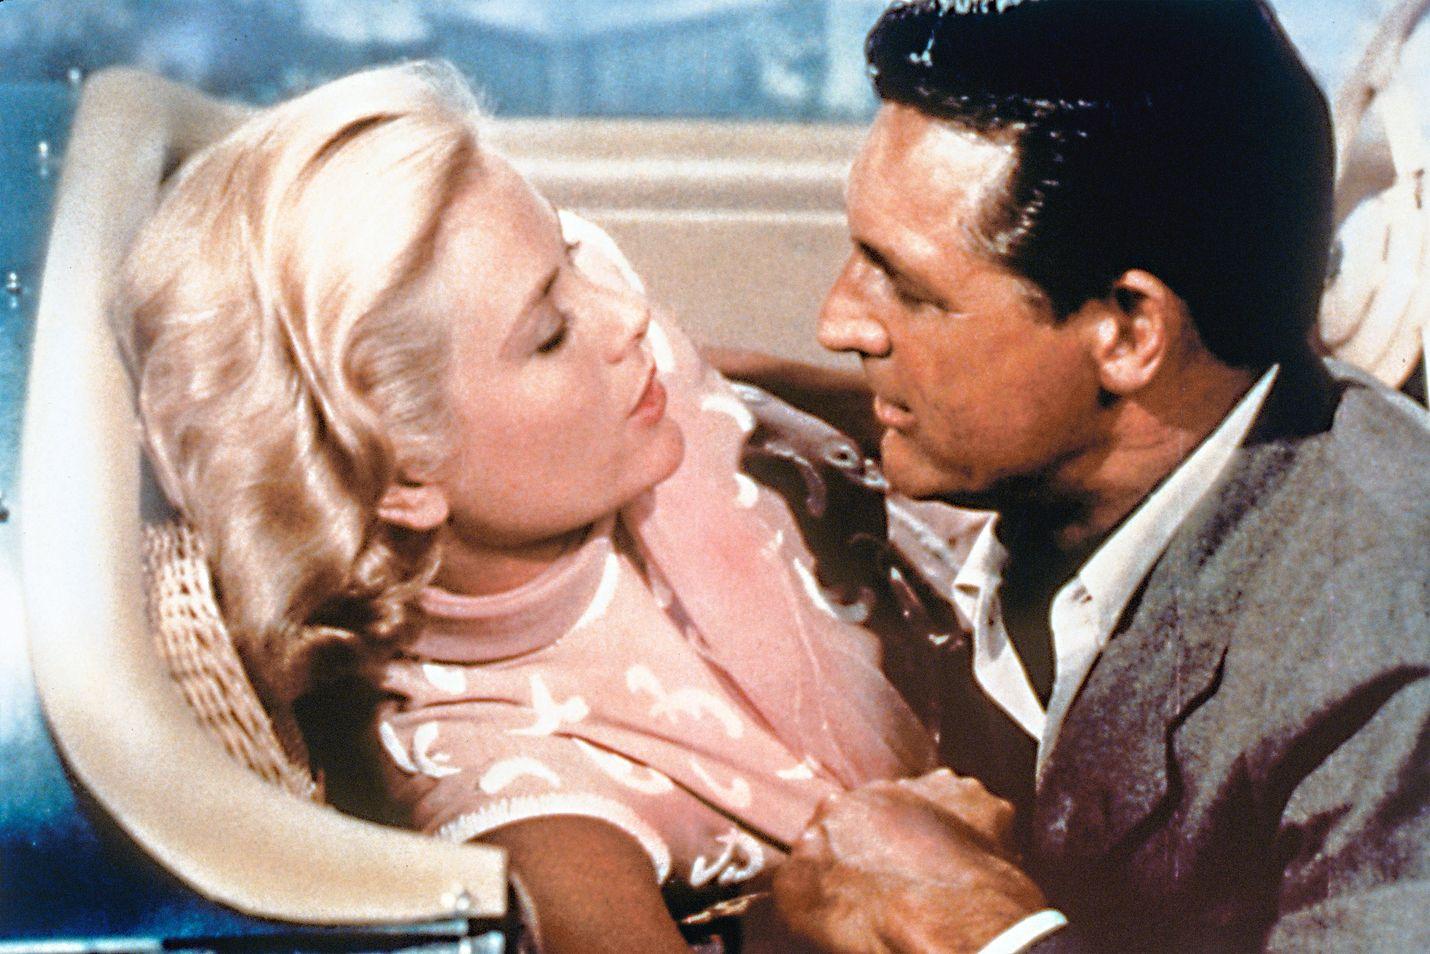 Varkaitten paratiisissa pääparina John Robiena ja Frances Stevensina ovat Cary Grant ja Grace Kelly. Elokuva julkaistiin 1955 ja seuraavana vuonna Kelly avioitui Monacon ruhtinas Rainierin kanssa.